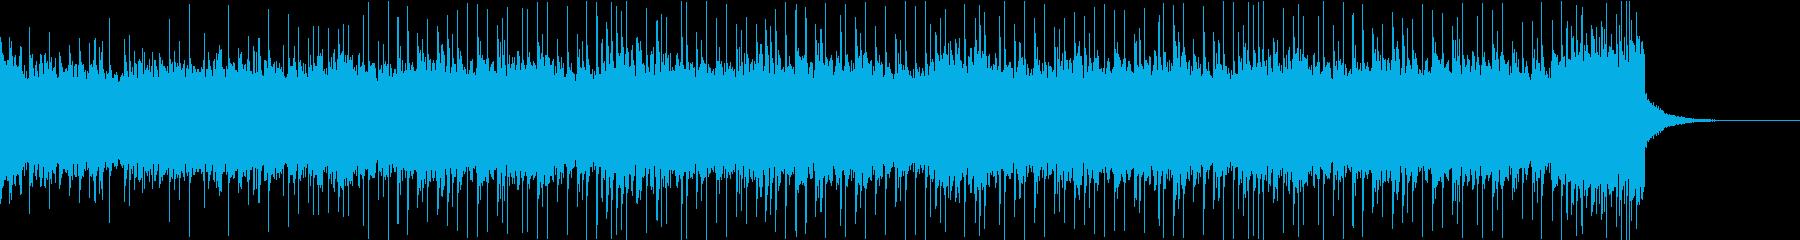 ダウンチューニングなギターリフが特徴的の再生済みの波形